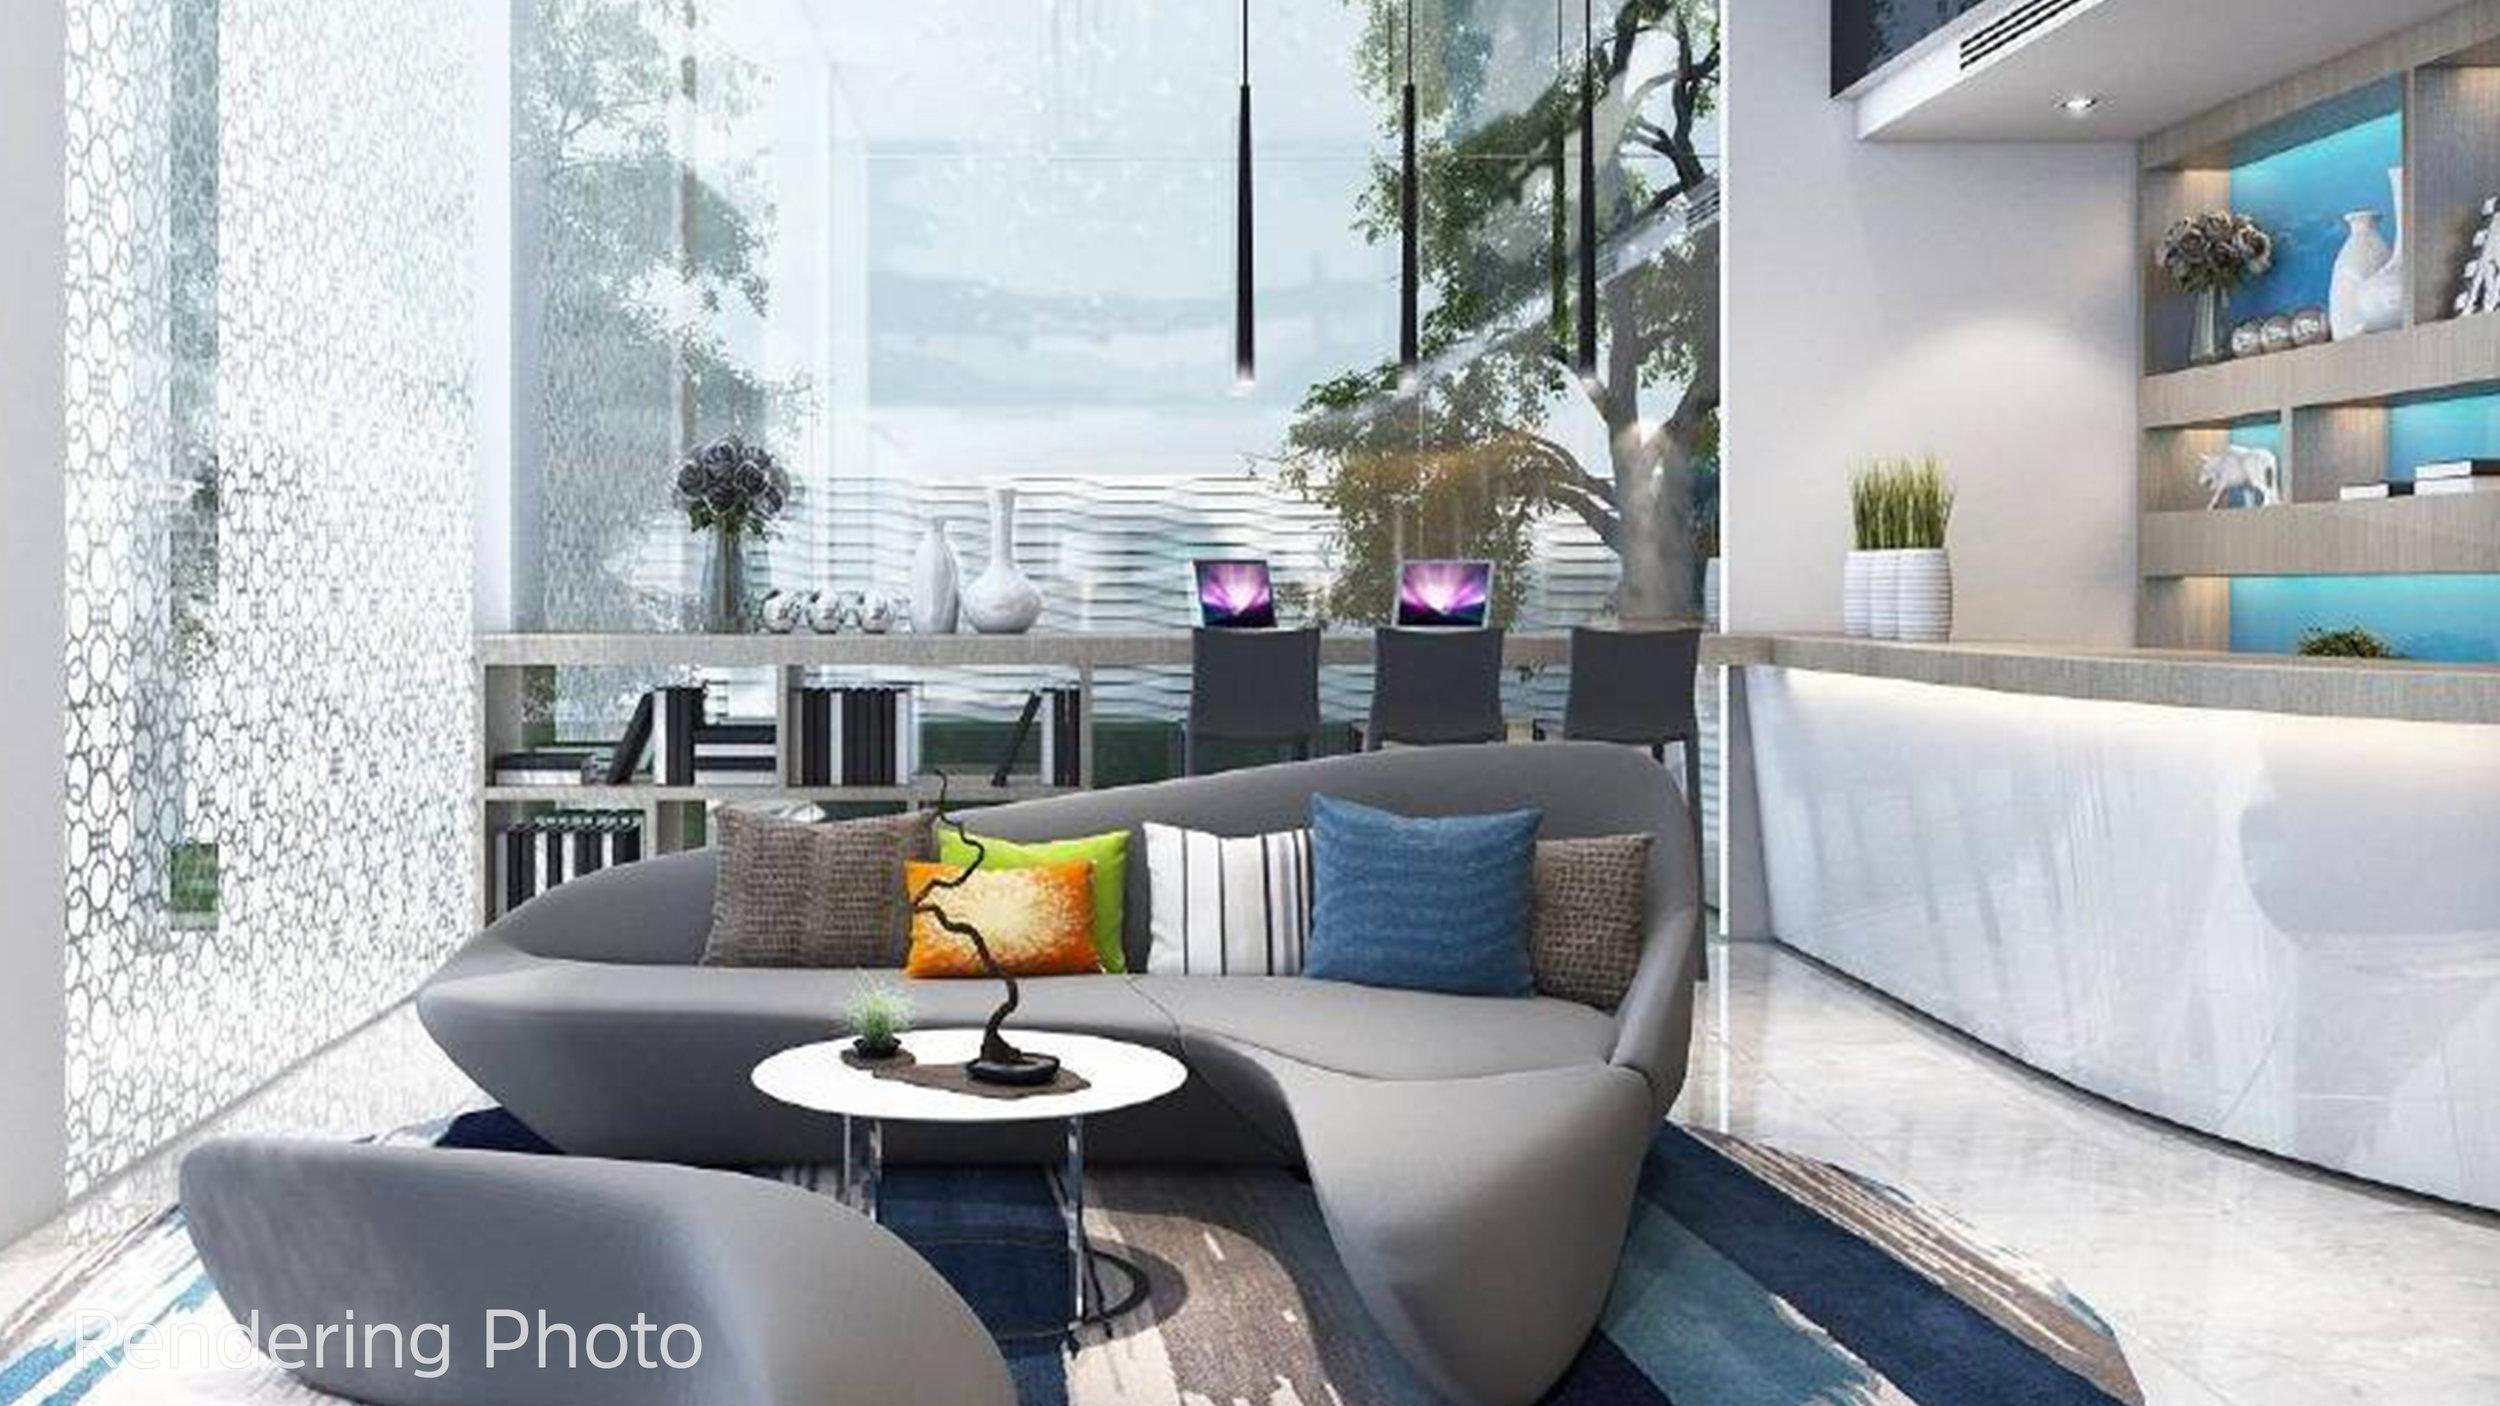 Photo Credit: Holiday Inn Express Pattaya Central